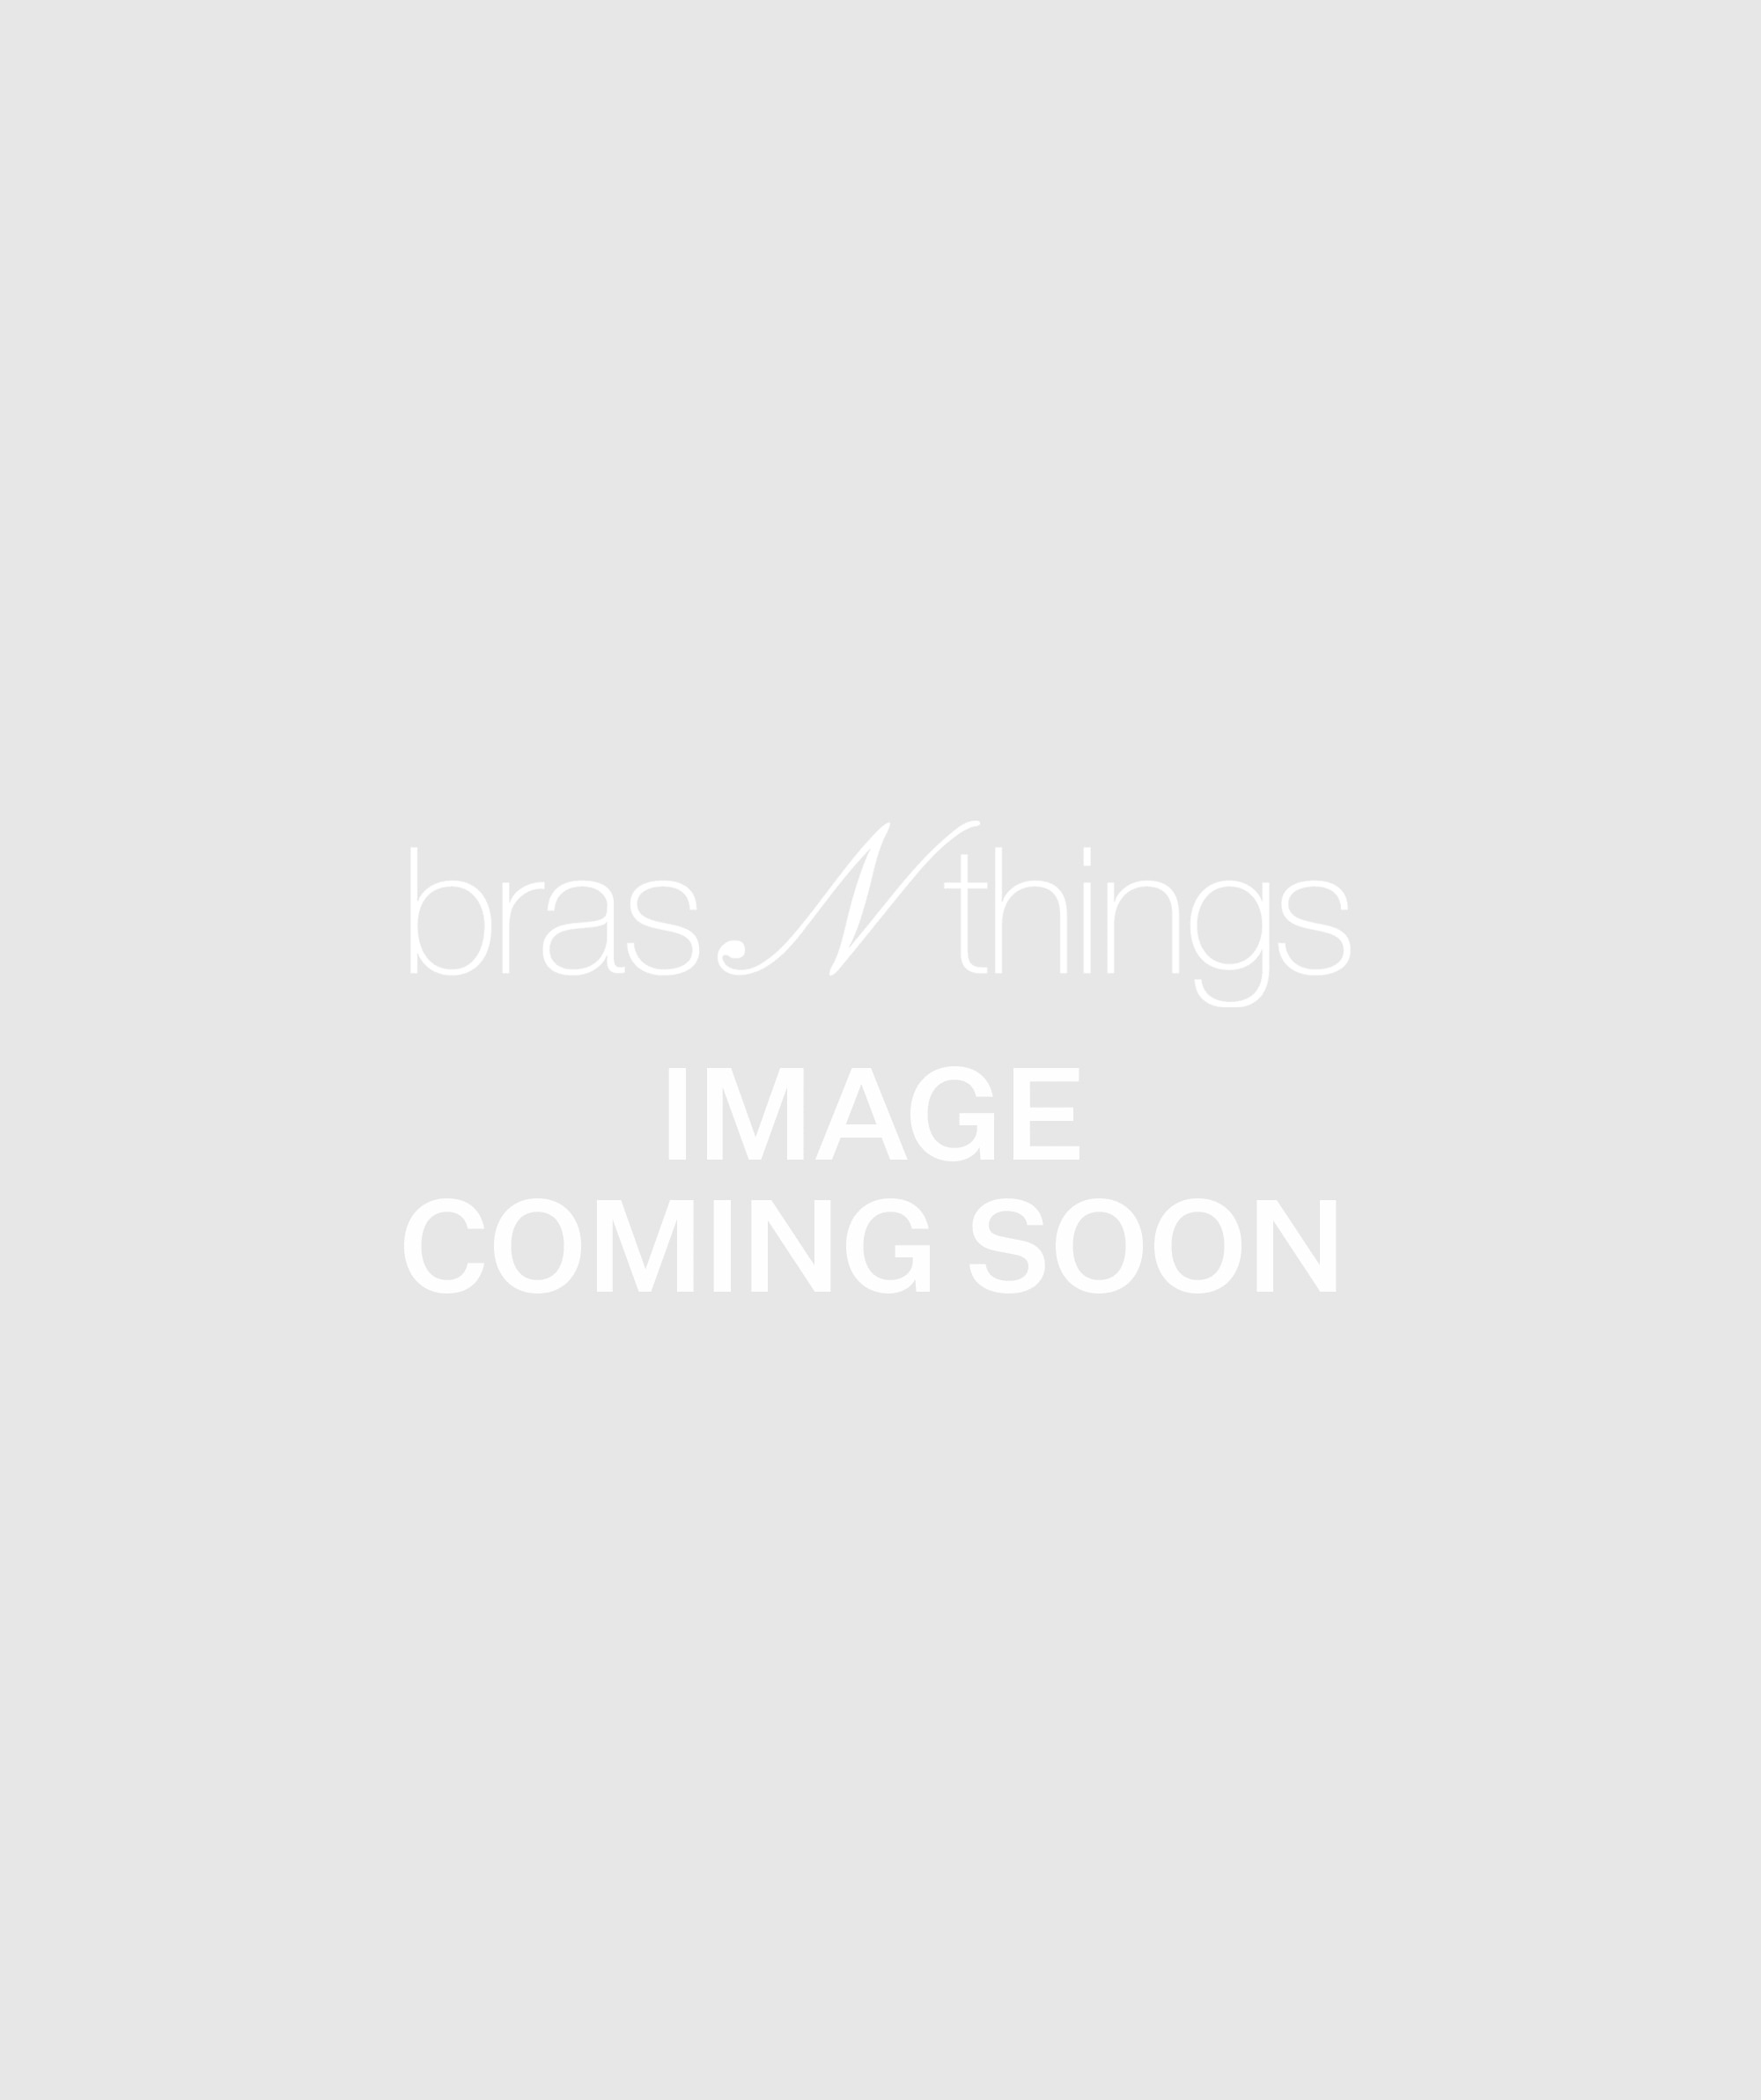 Anastasia Artistry Strapless Lingerie Set - Dark Blue